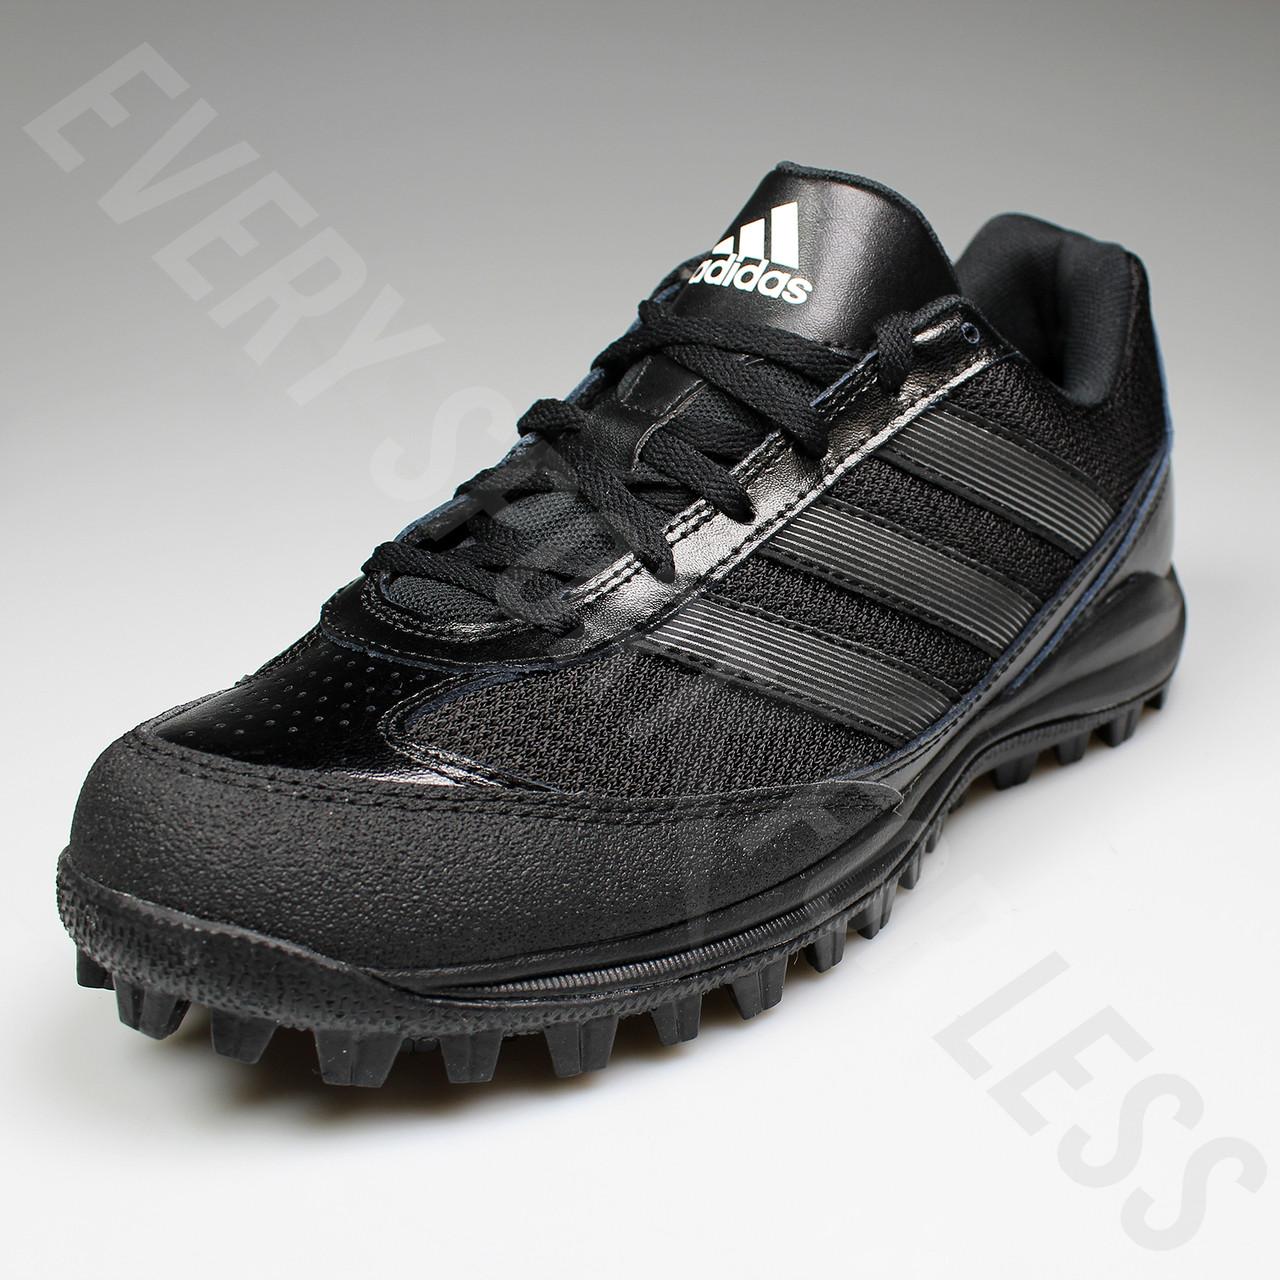 a650e9db05c3 Adidas Turf Hog LX Low Senior Football Cleats G67096 - Black/Titanium